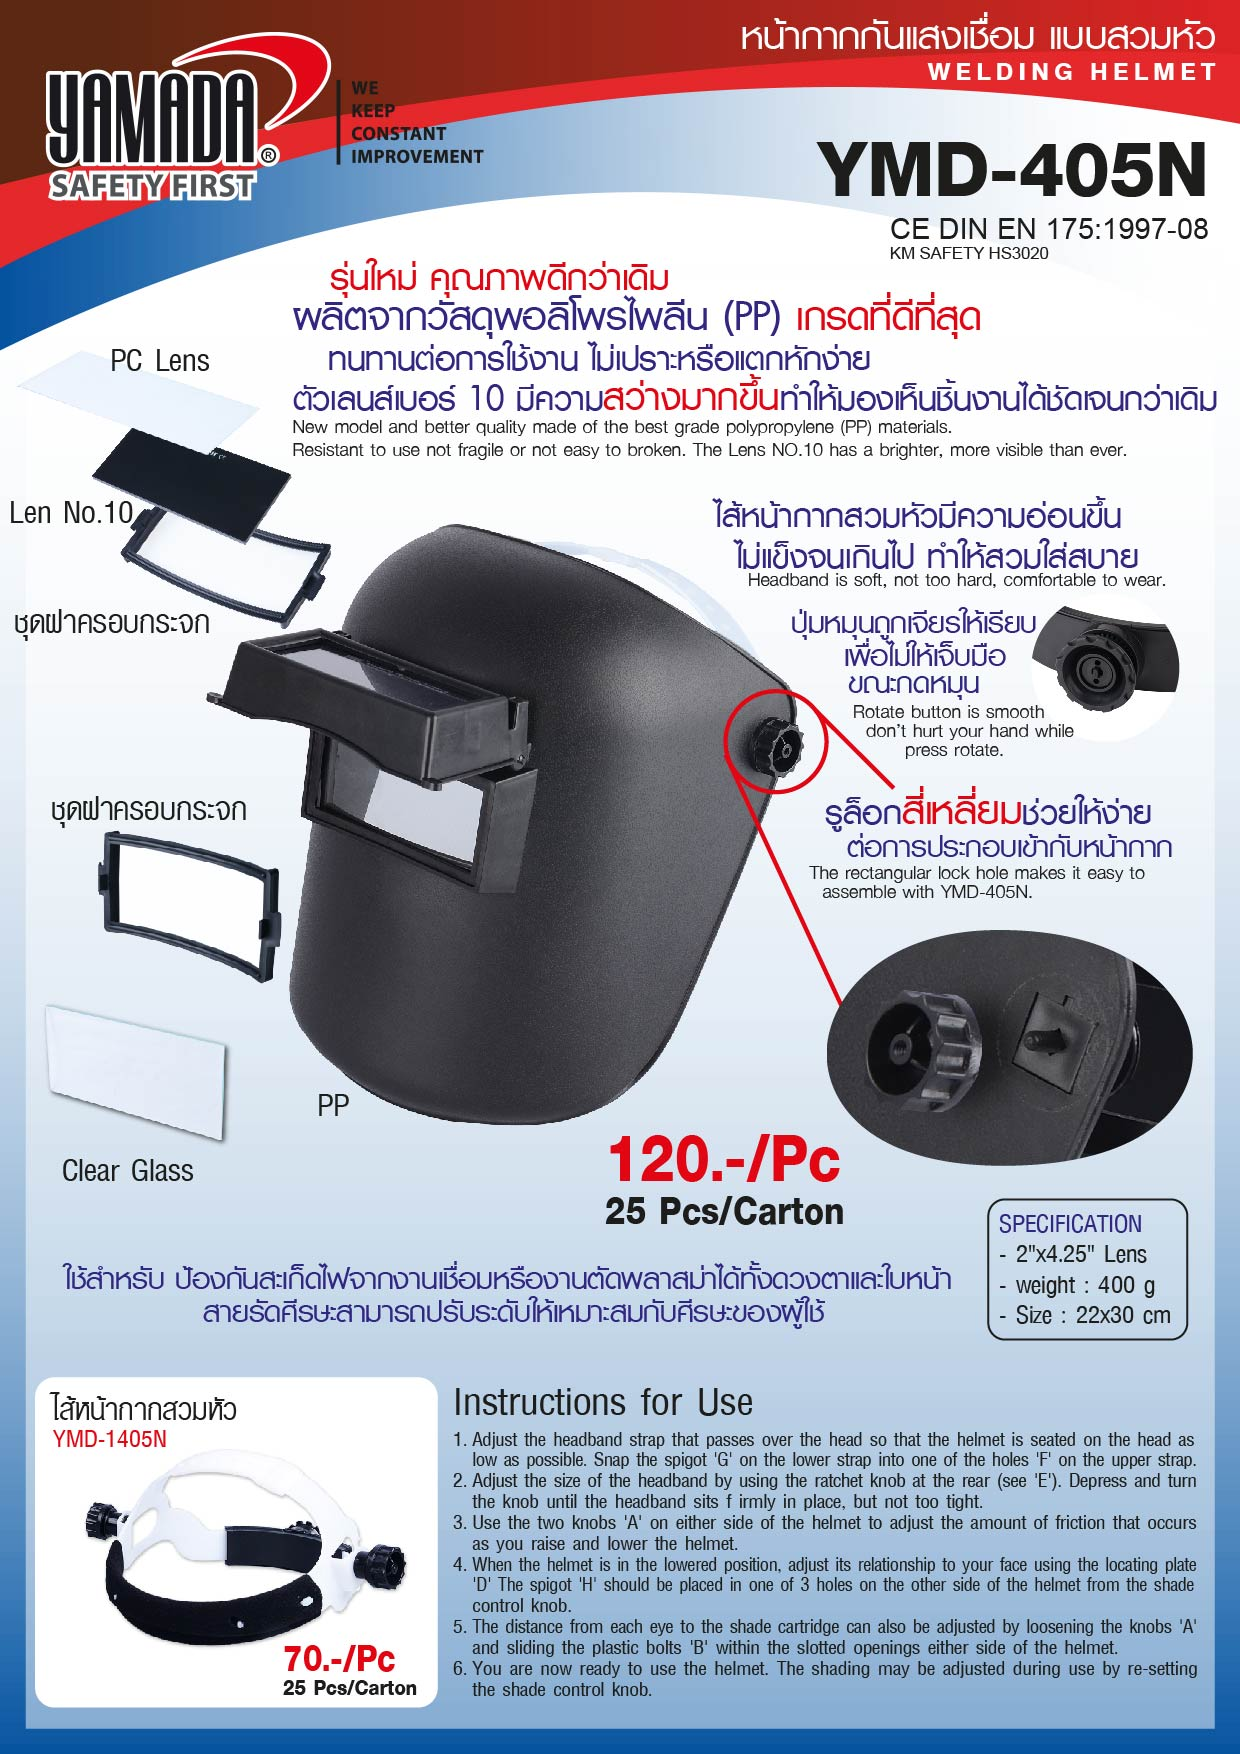 (12/16) หน้ากากกันแสงเชื่อม แบบสวมหัว - Welding Helmet YMD405N